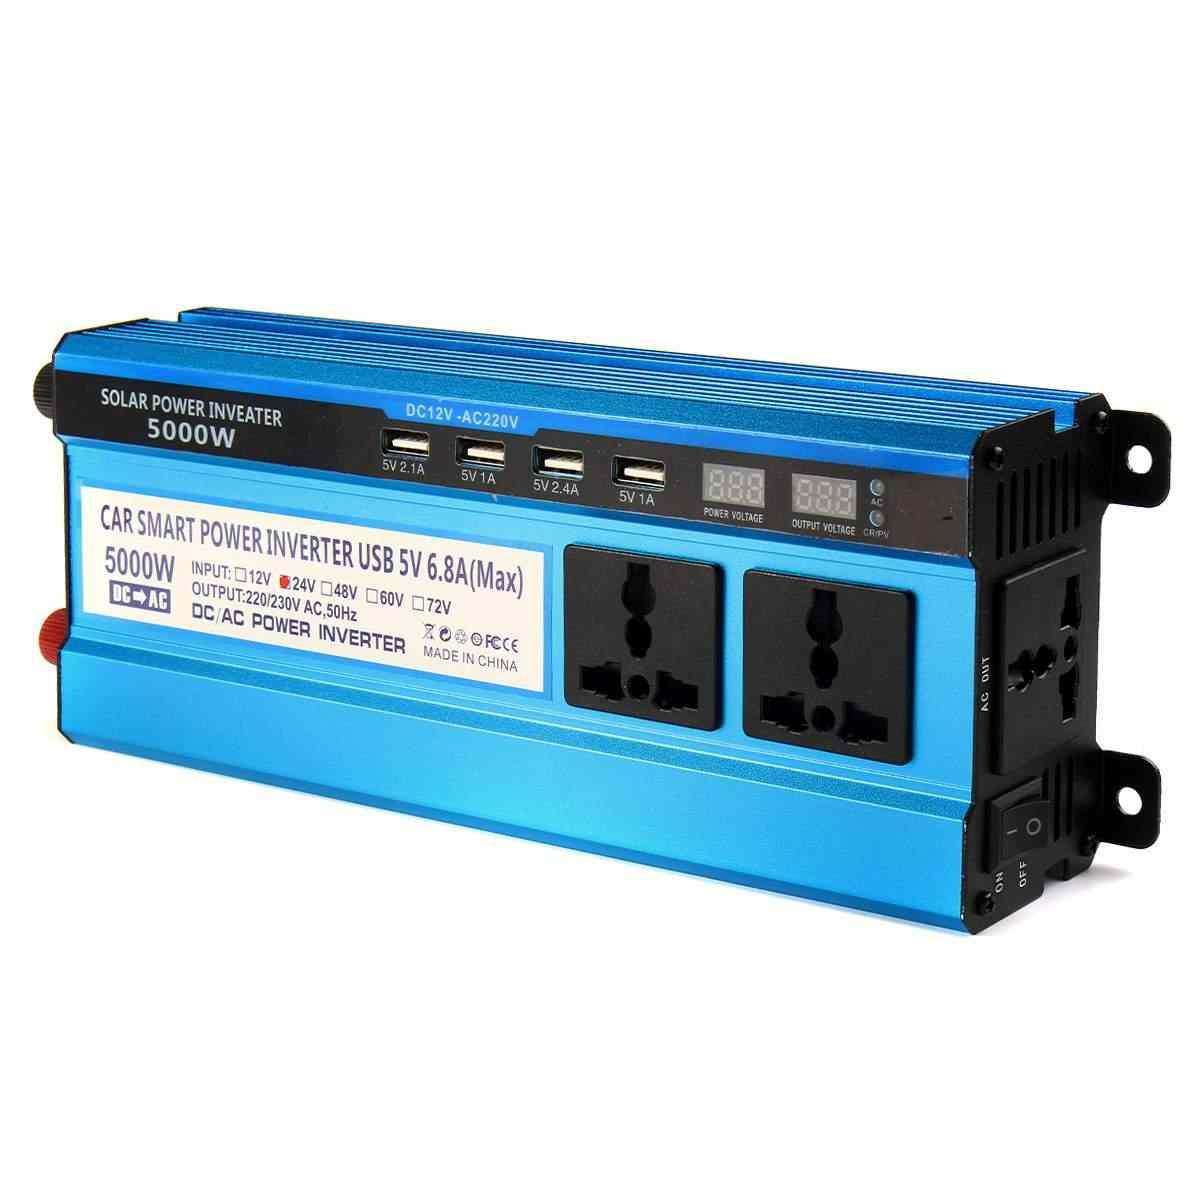 الطاقة الشمسية العاكس تيار مستمر 12 فولت 24 فولت 48 فولت إلى التيار المتناوب 220 فولت 3000 واط 4000 واط 5000 واط العاكس محول الجهد محول 4 USB LED عرض للسيارة المنزل